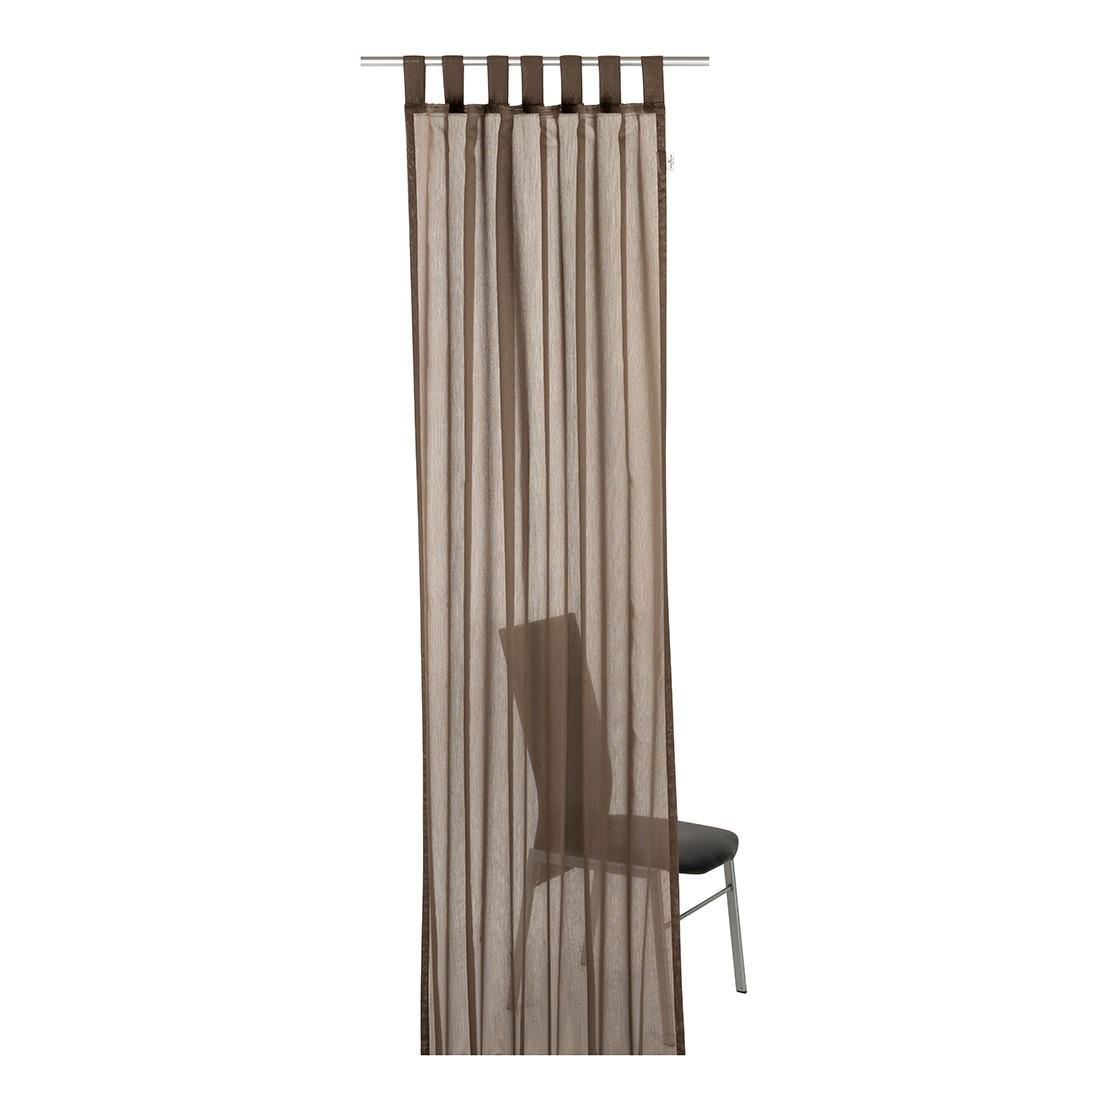 Schlaufenschal T-Plain – Braun – Maße: 140 x 255 cm, Tom Tailor jetzt kaufen